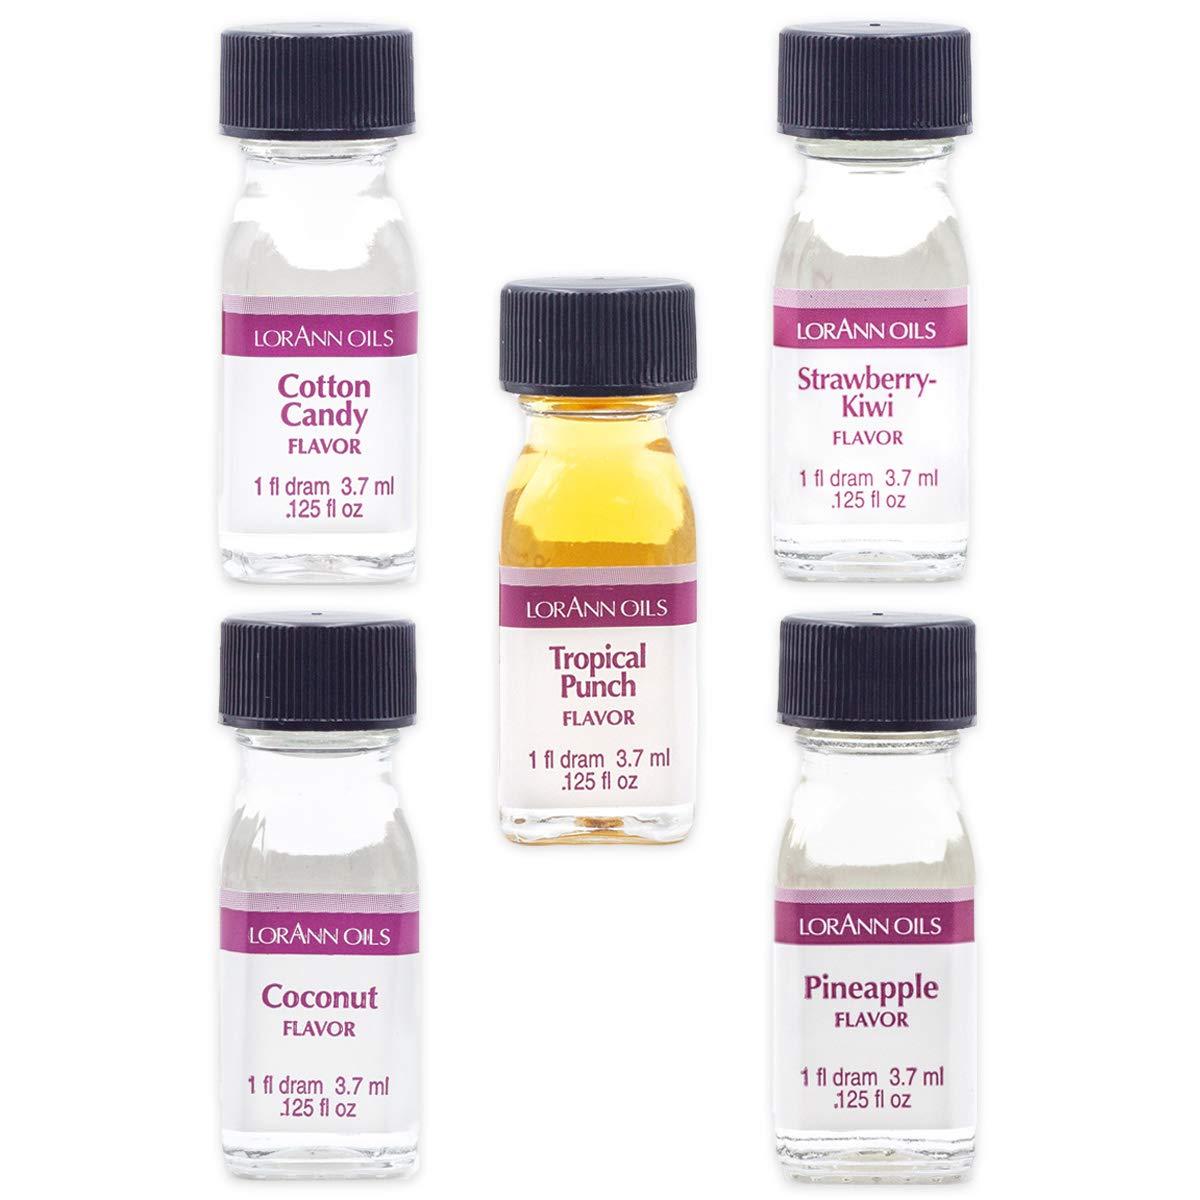 LorAnn Super Strength Variety pack, 1 dram (.0125 fl oz - 3.7ml) bottles - 5 pack